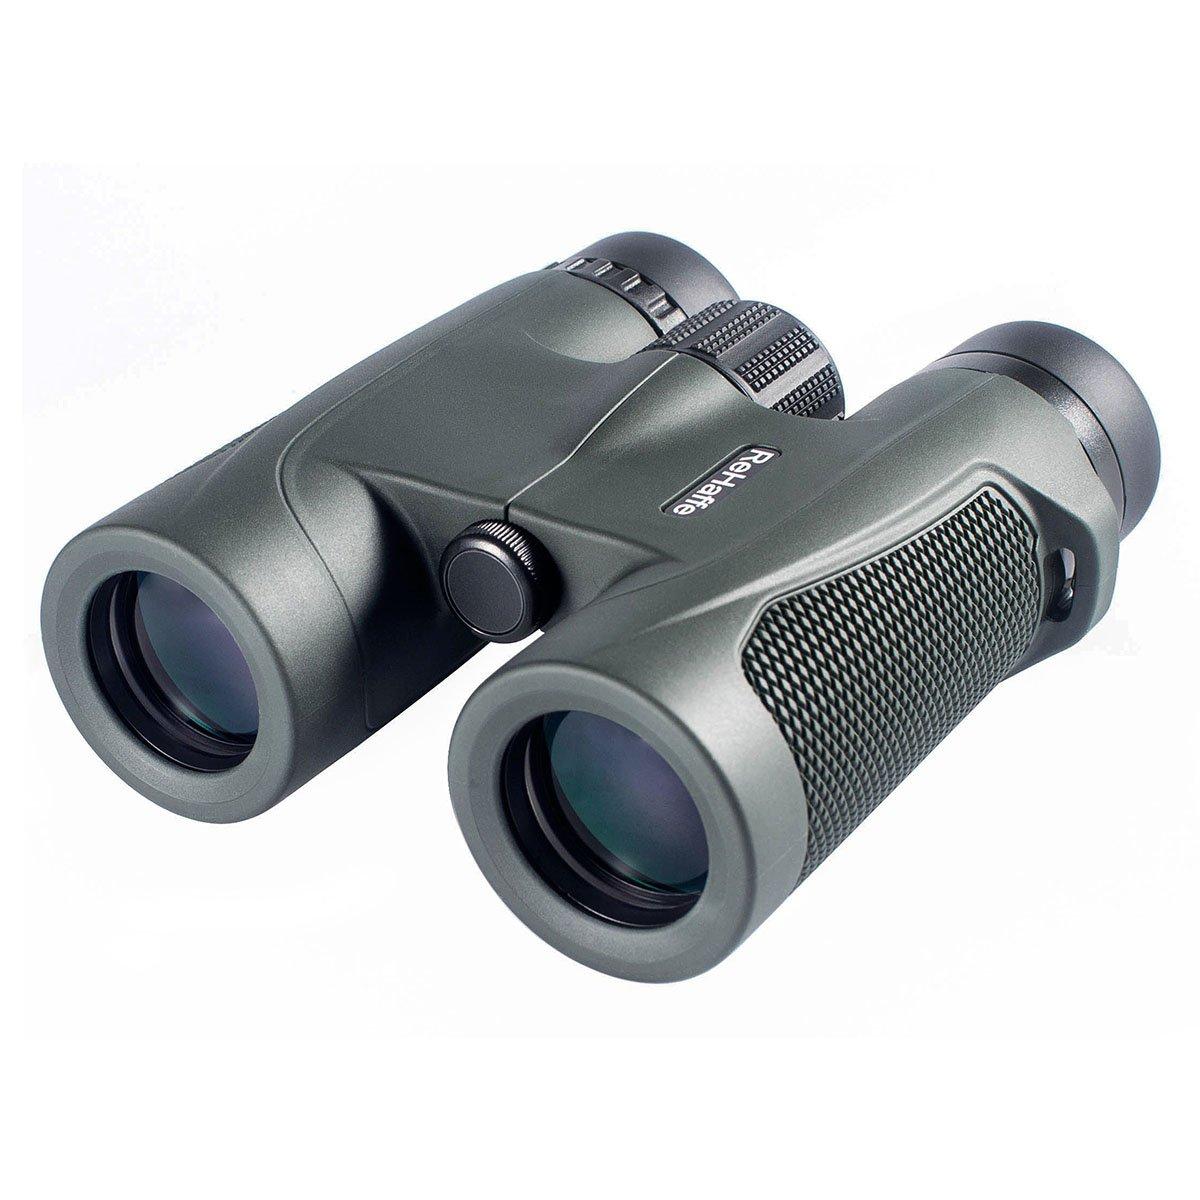 双眼鏡スタビライズコンパクトBest 8 x 32 Lightweighted防水旅行用ハンティングアウトドアスポーツゲームと( Army Green ) B072C1NGR5